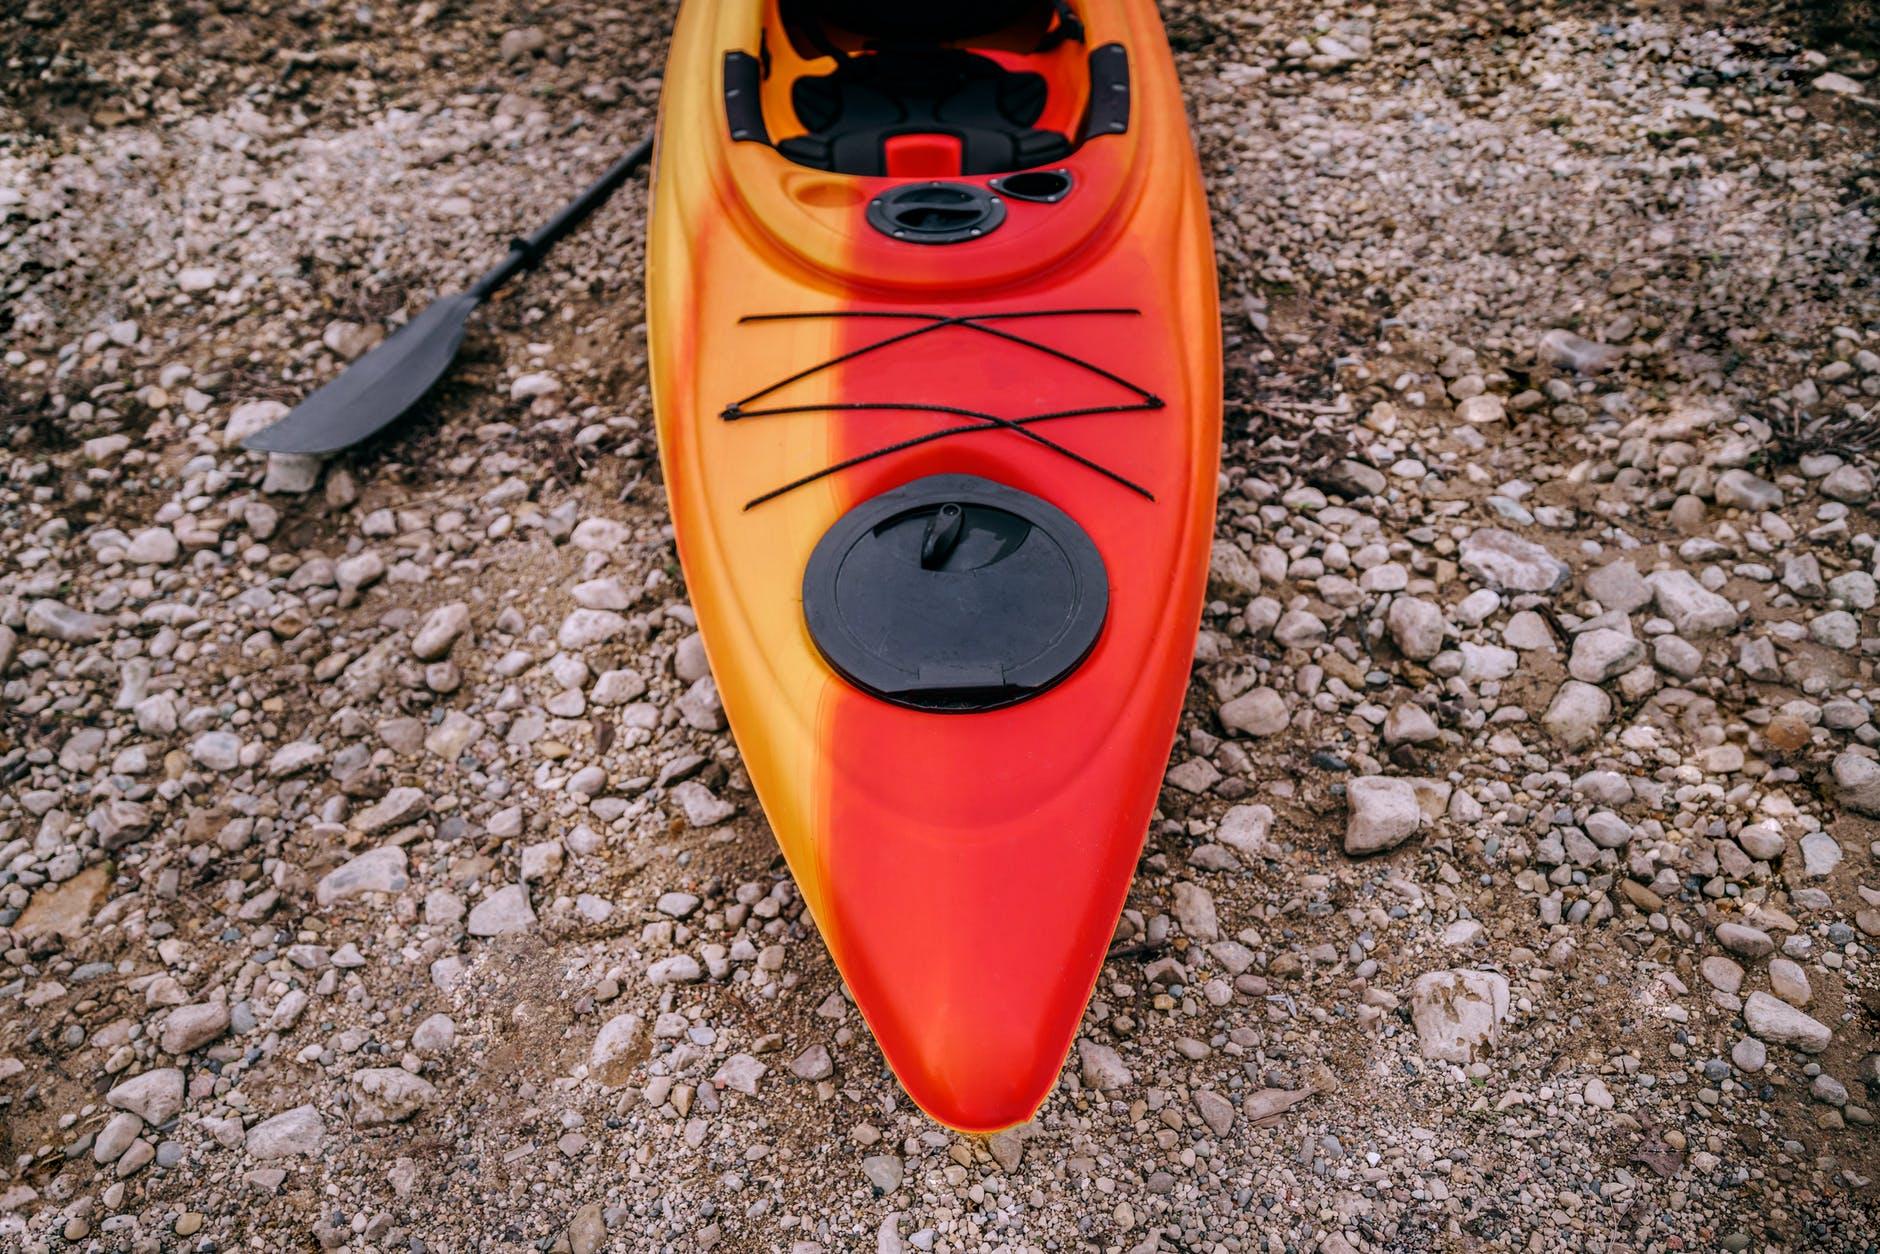 high angle photo of kayak on rocky ground